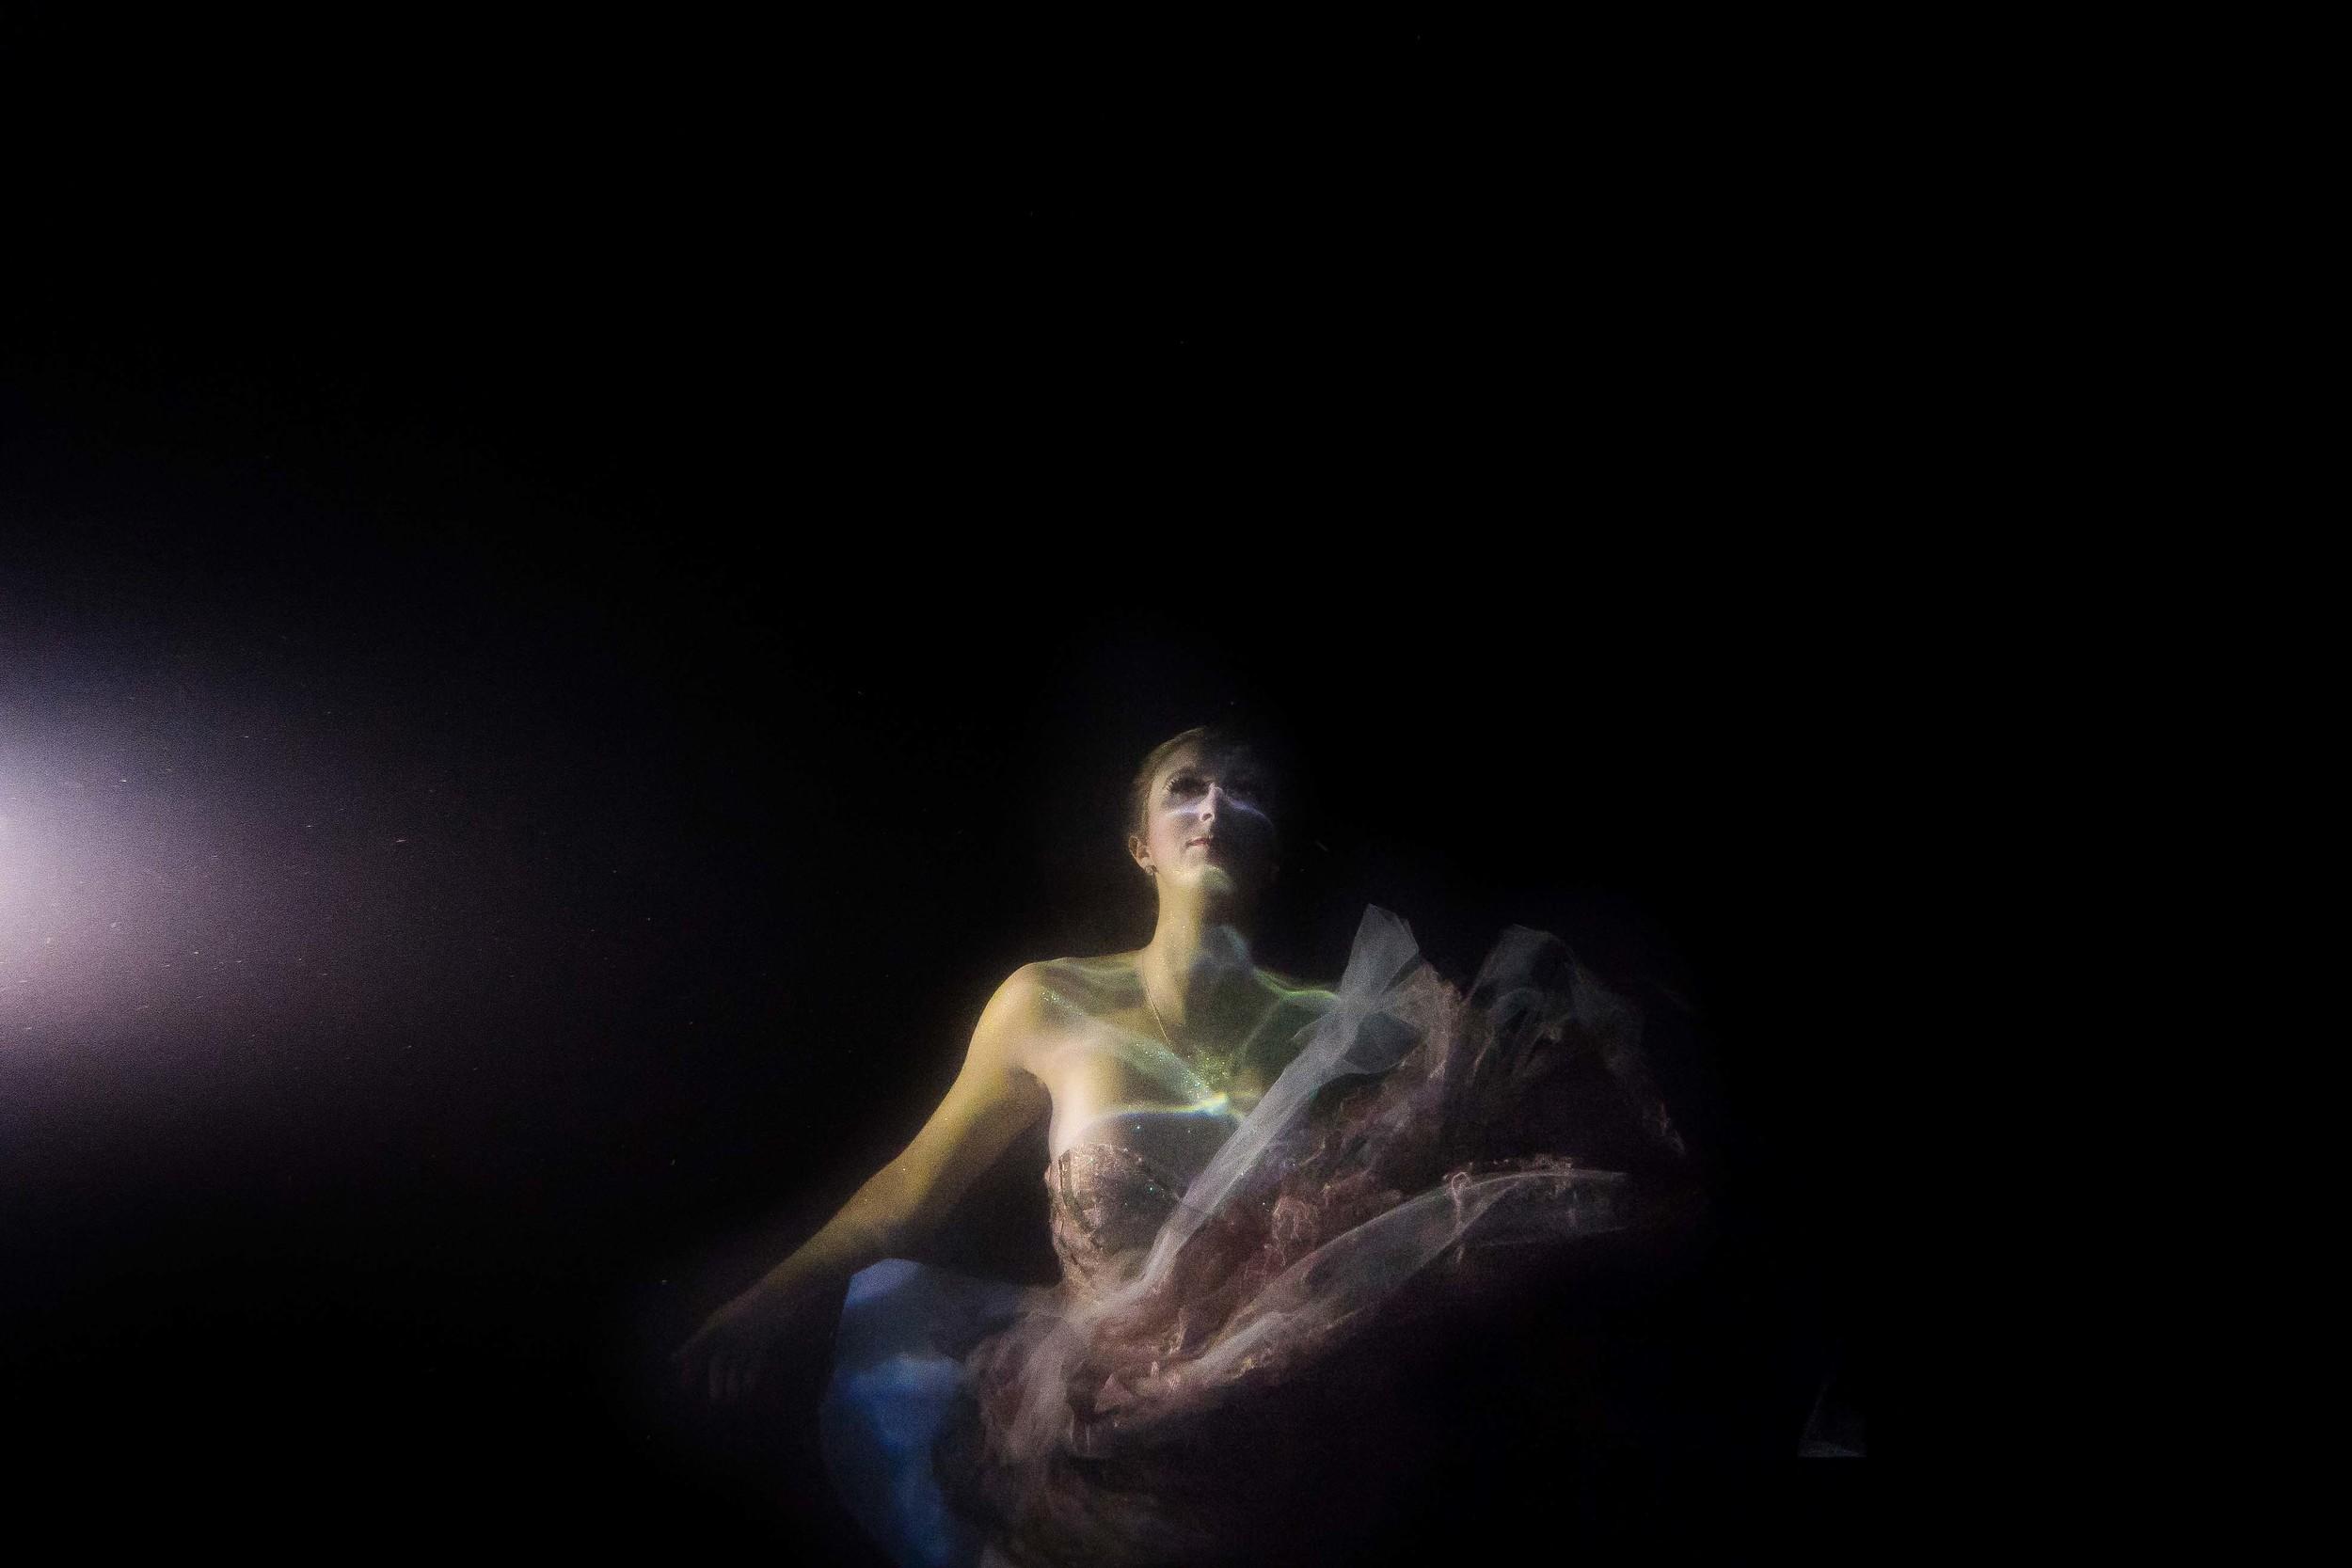 Rising_LaurenDavis_MERMAID_studioBrienne_01.JPG